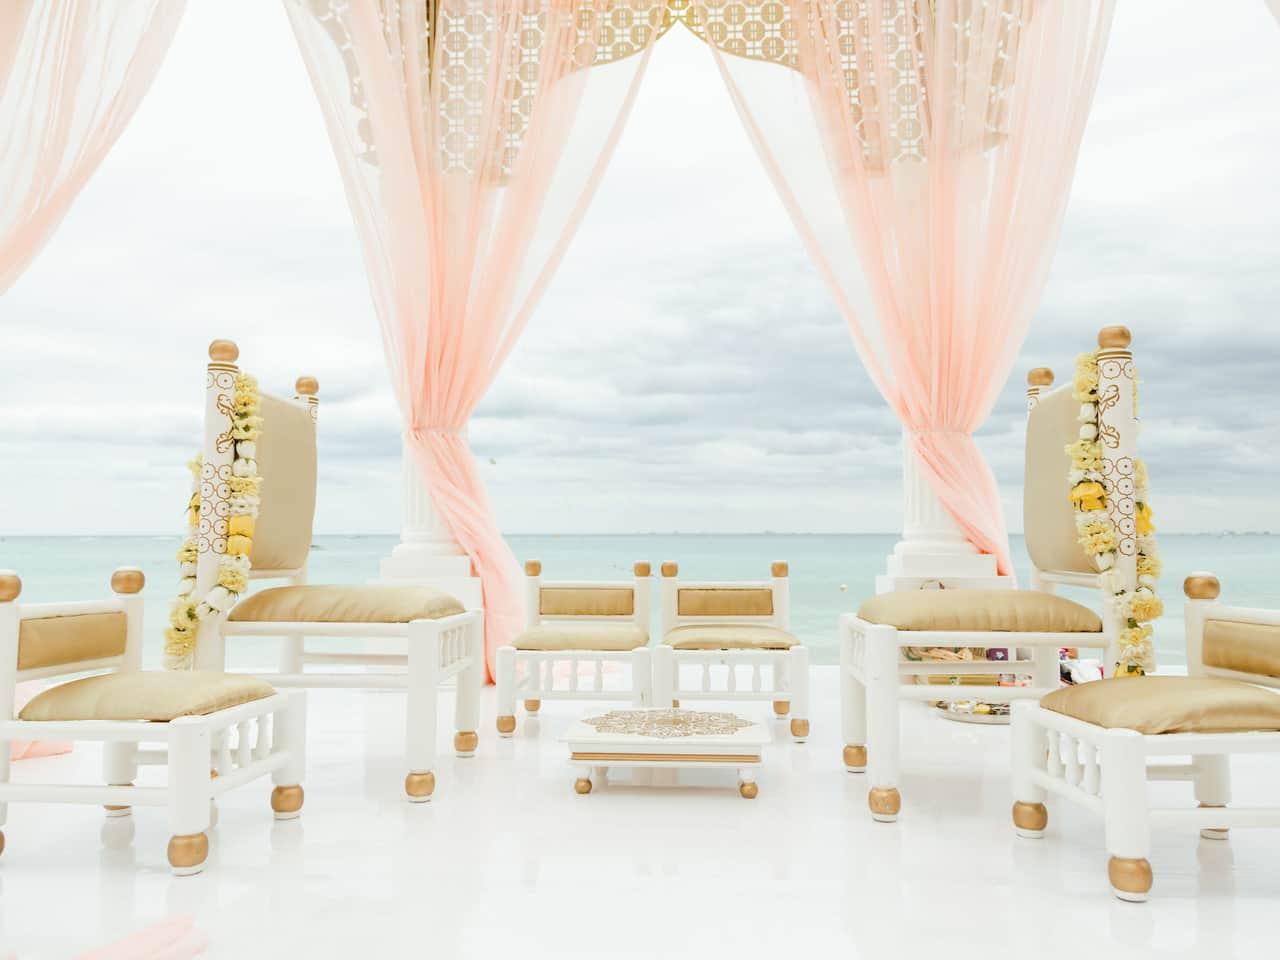 CUNPC_P495 Wedding Ceremony